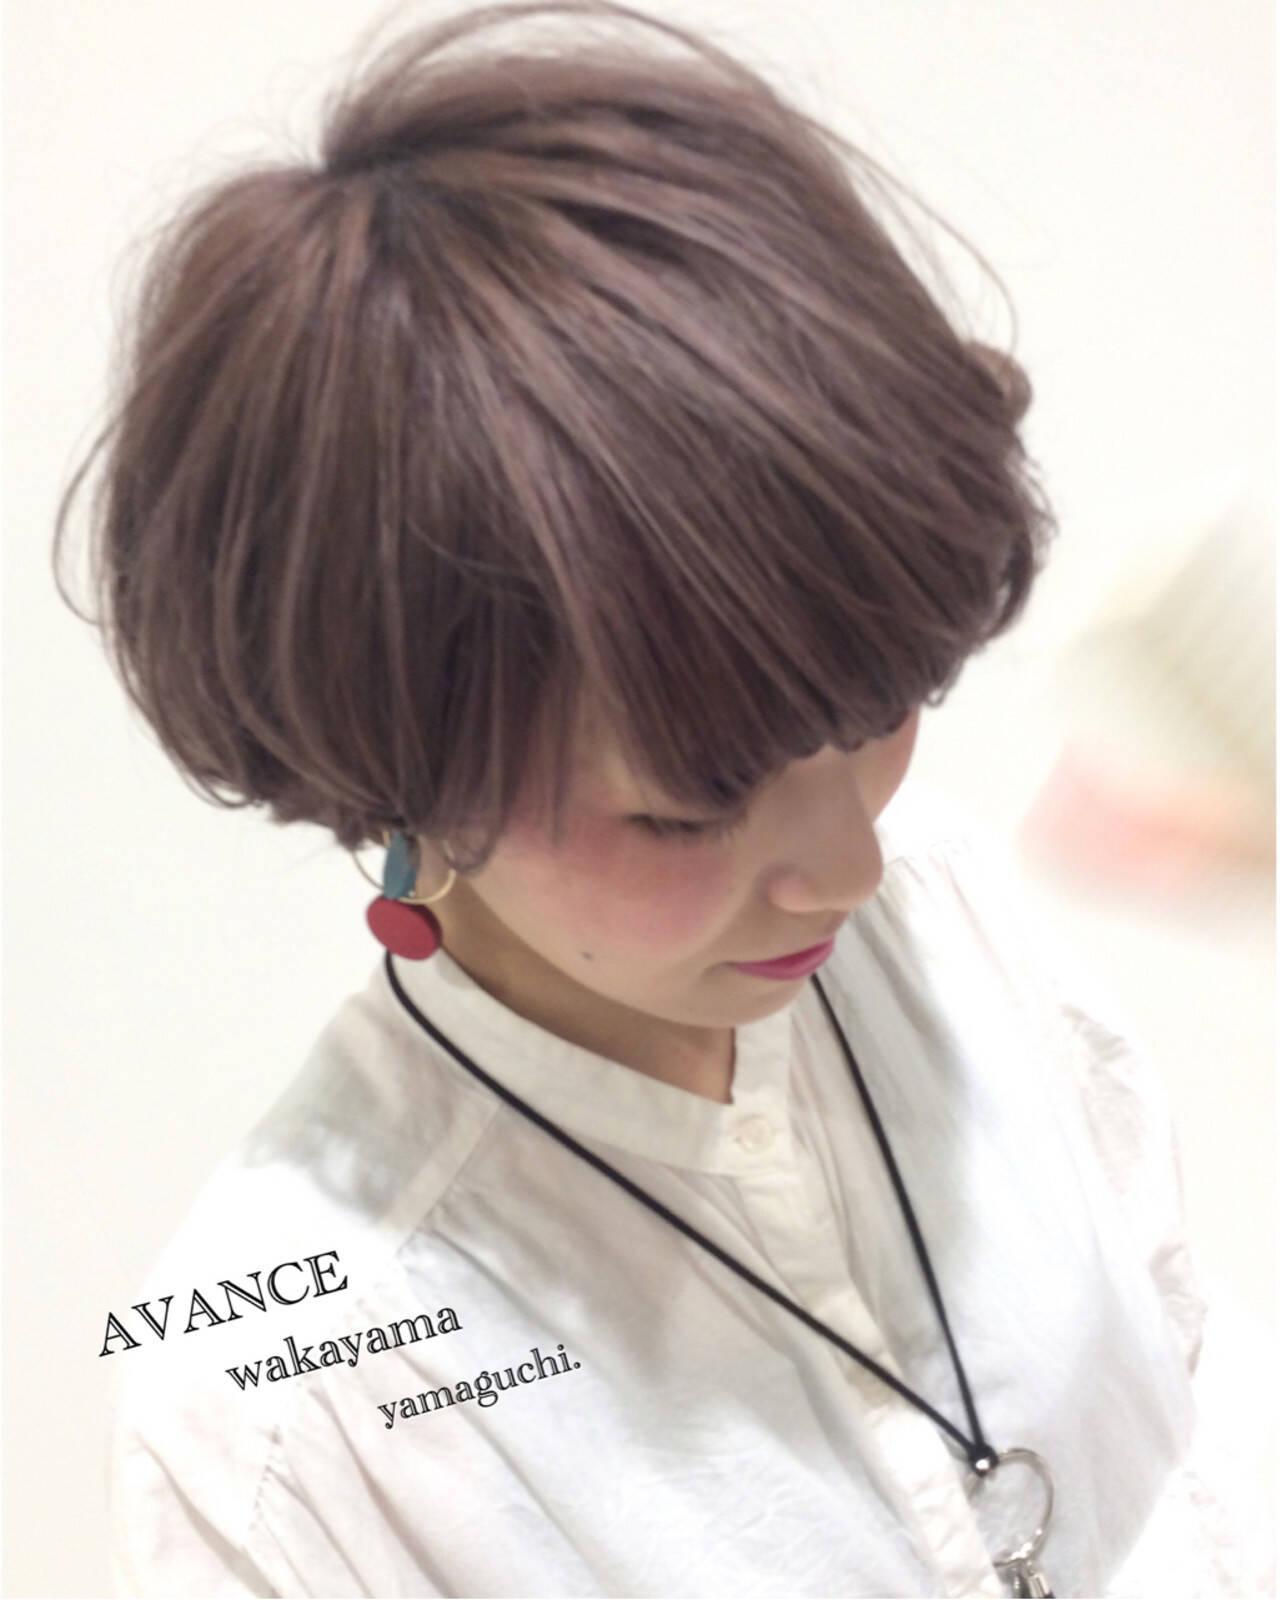 モード ブリーチ ショート ハイライトヘアスタイルや髪型の写真・画像